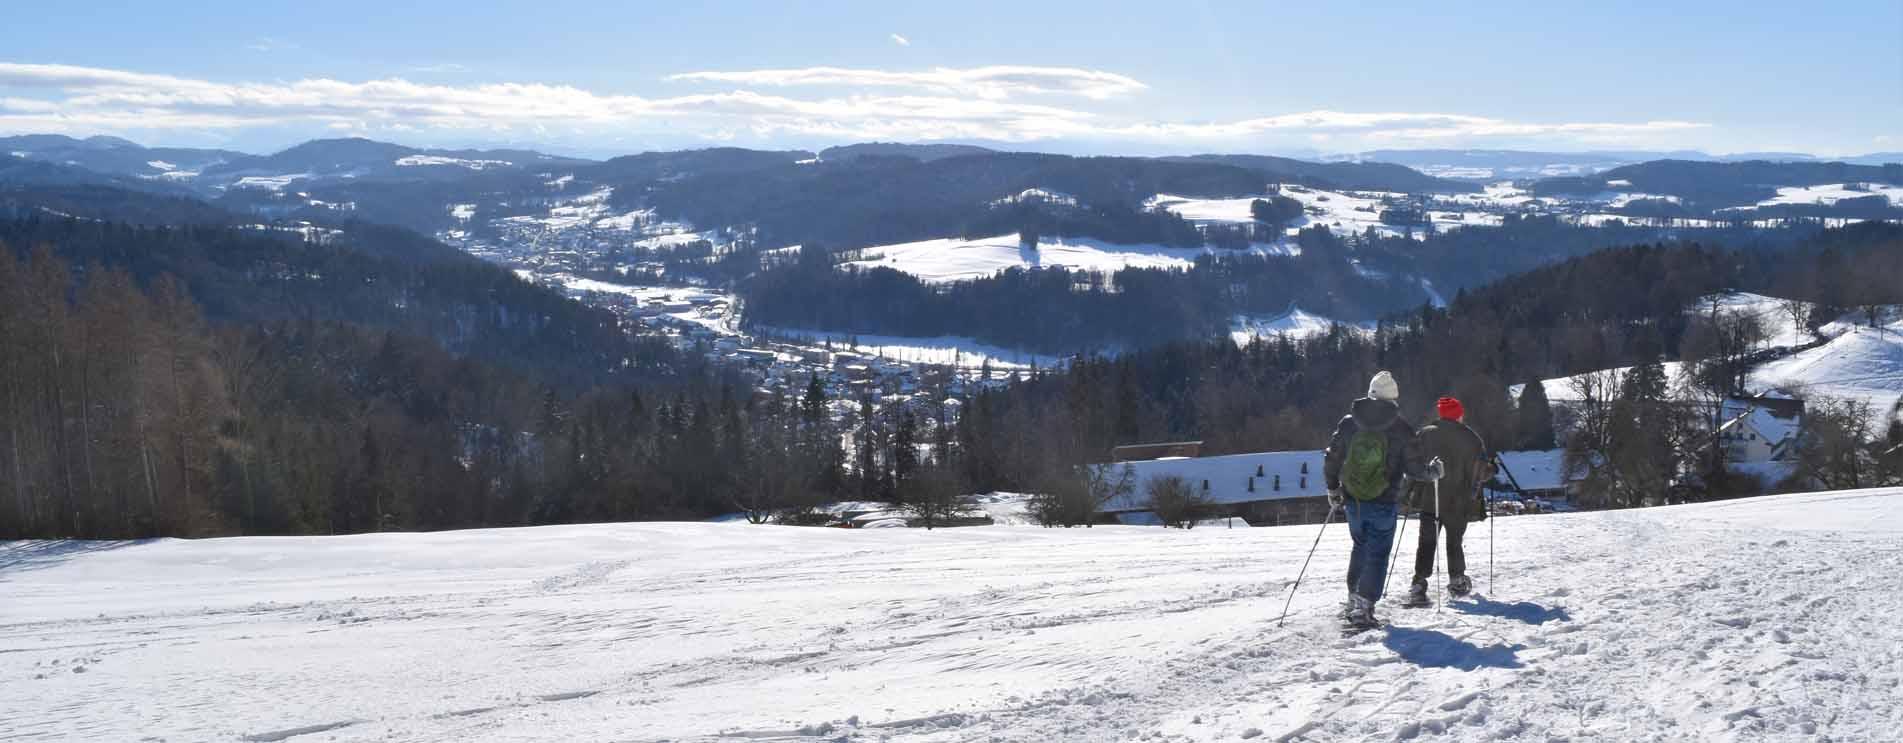 Schneeschuh-Rundwanderungen ohne Bergbahn – Die schönsten Schneeschuhtouren und Schneeschuhtrails ohne eine Bahn zu benützen